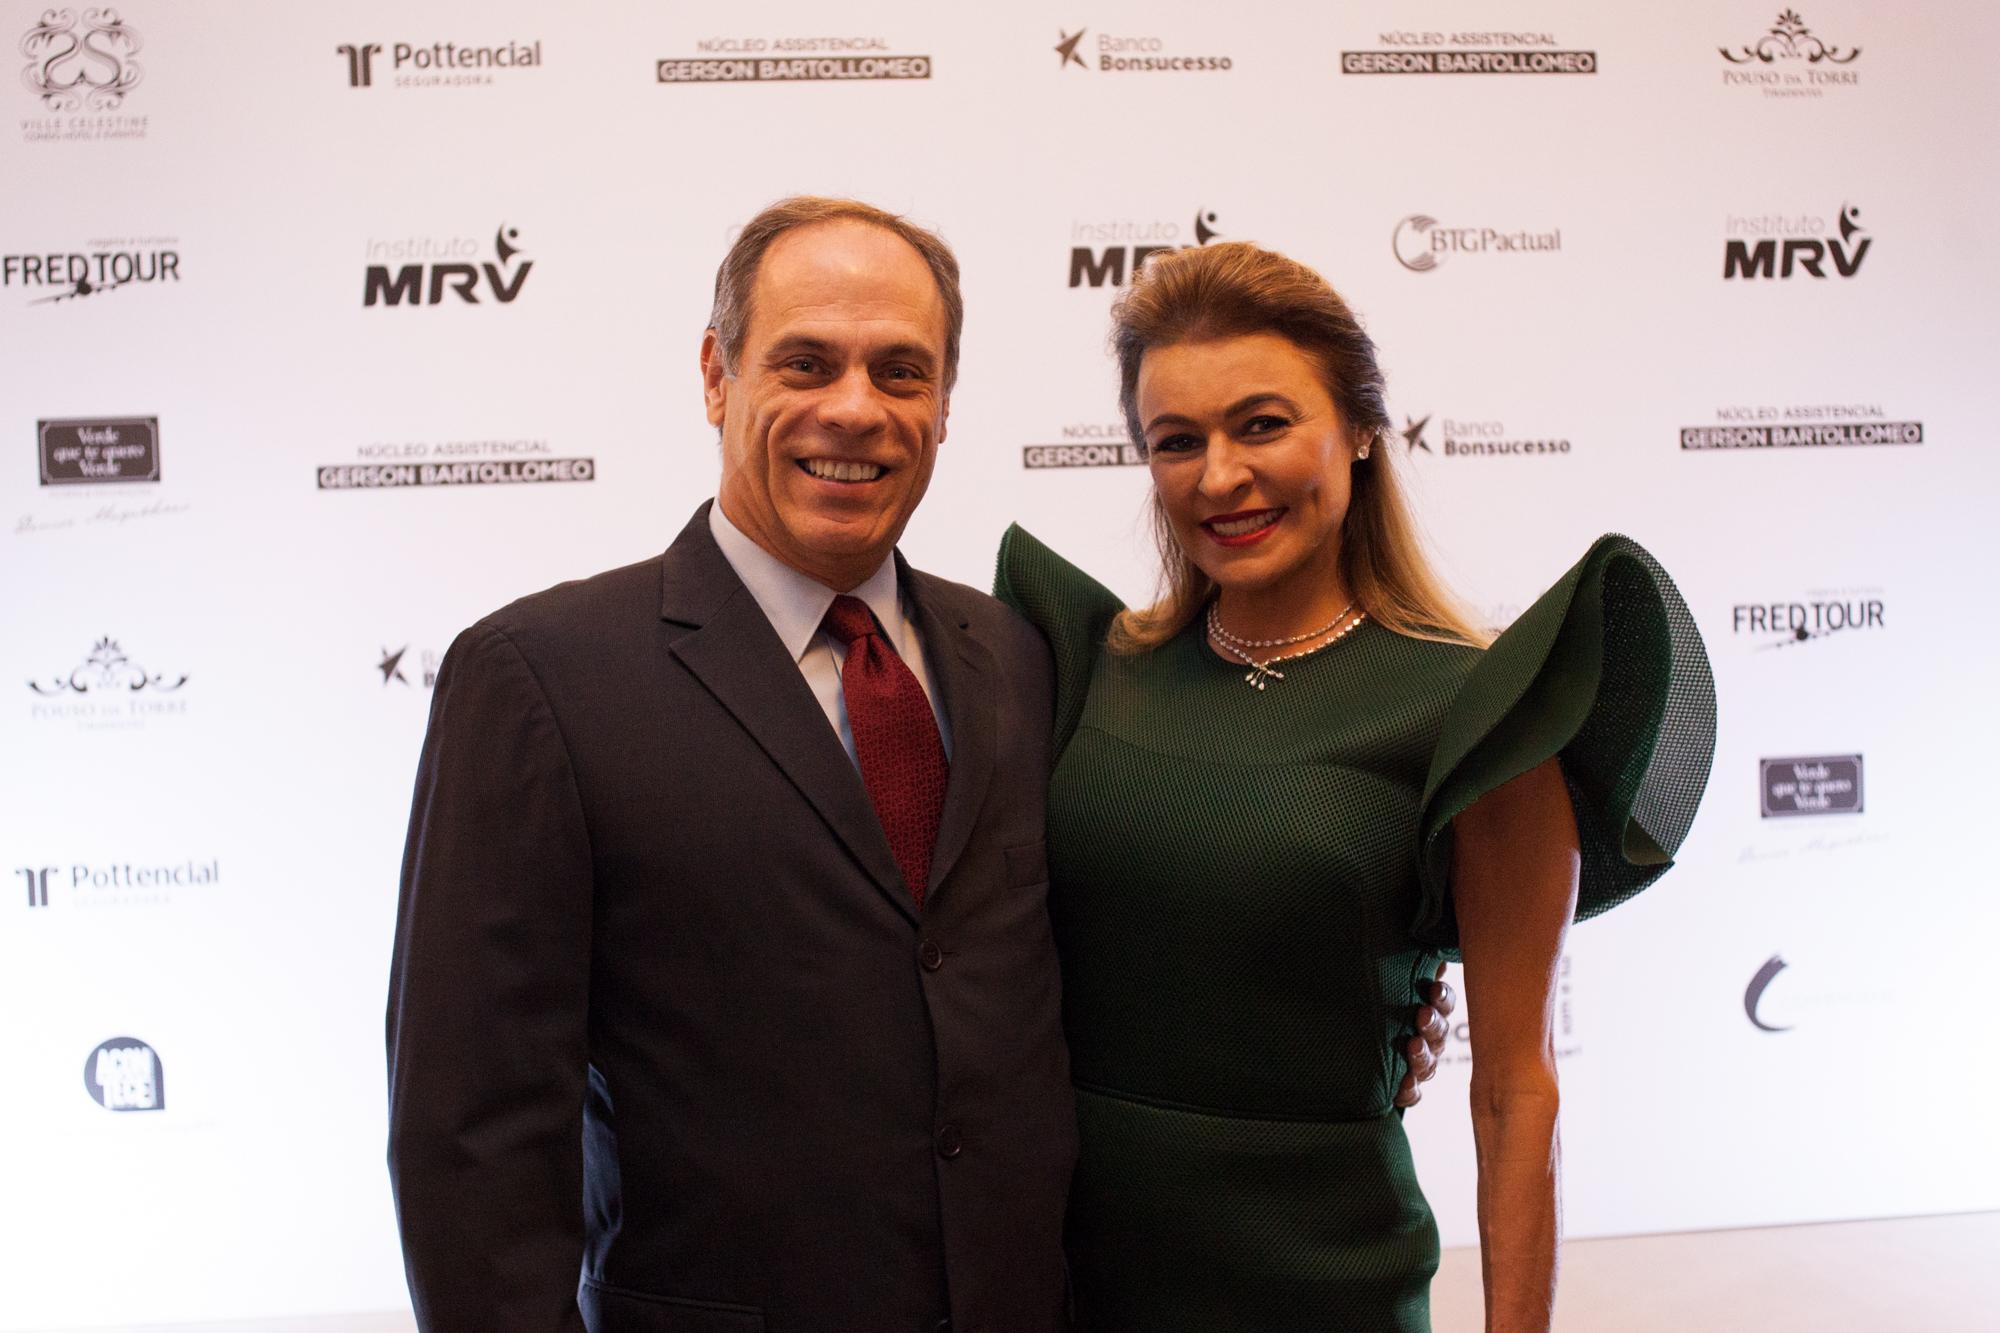 Mauro e Lilian Tunes BrazilFoundation Belo Horizonte Minas Gerais